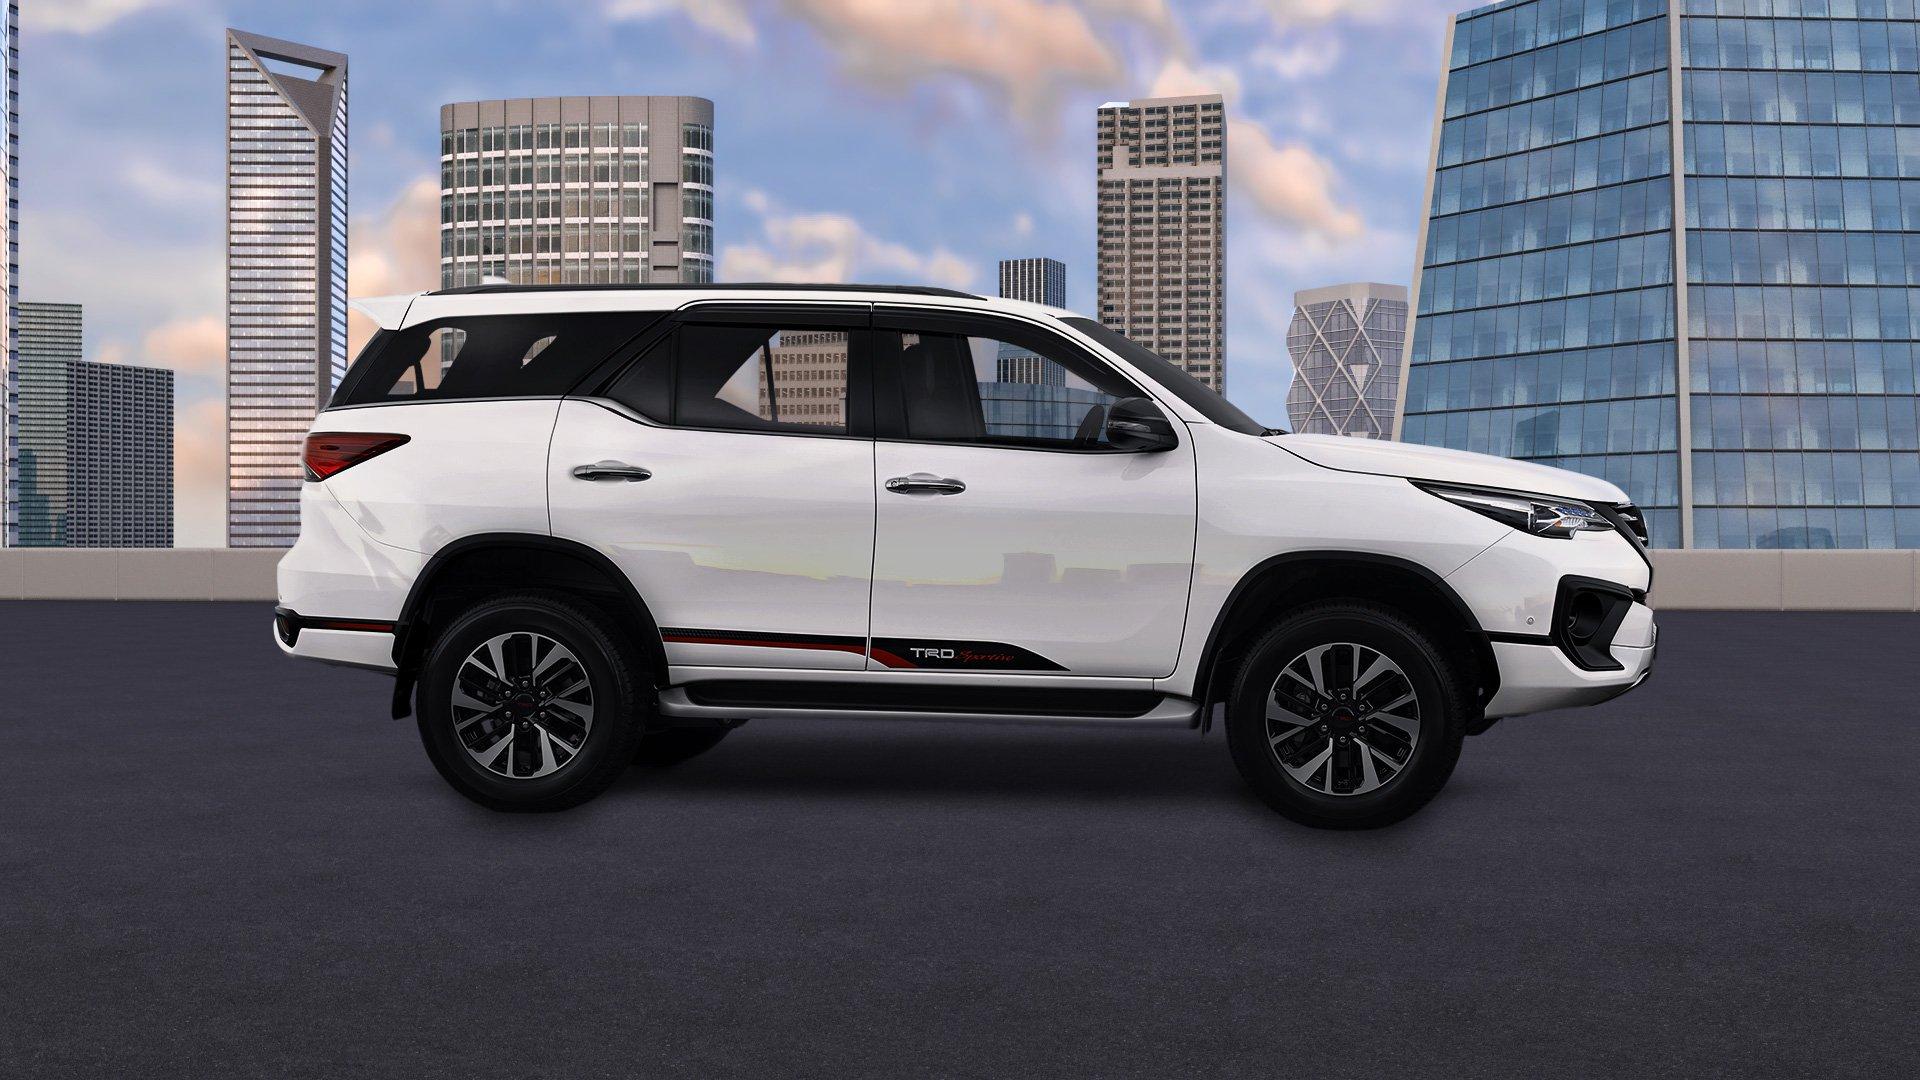 Kelebihan Kekurangan Harga Mobil Toyota Fortuner Harga